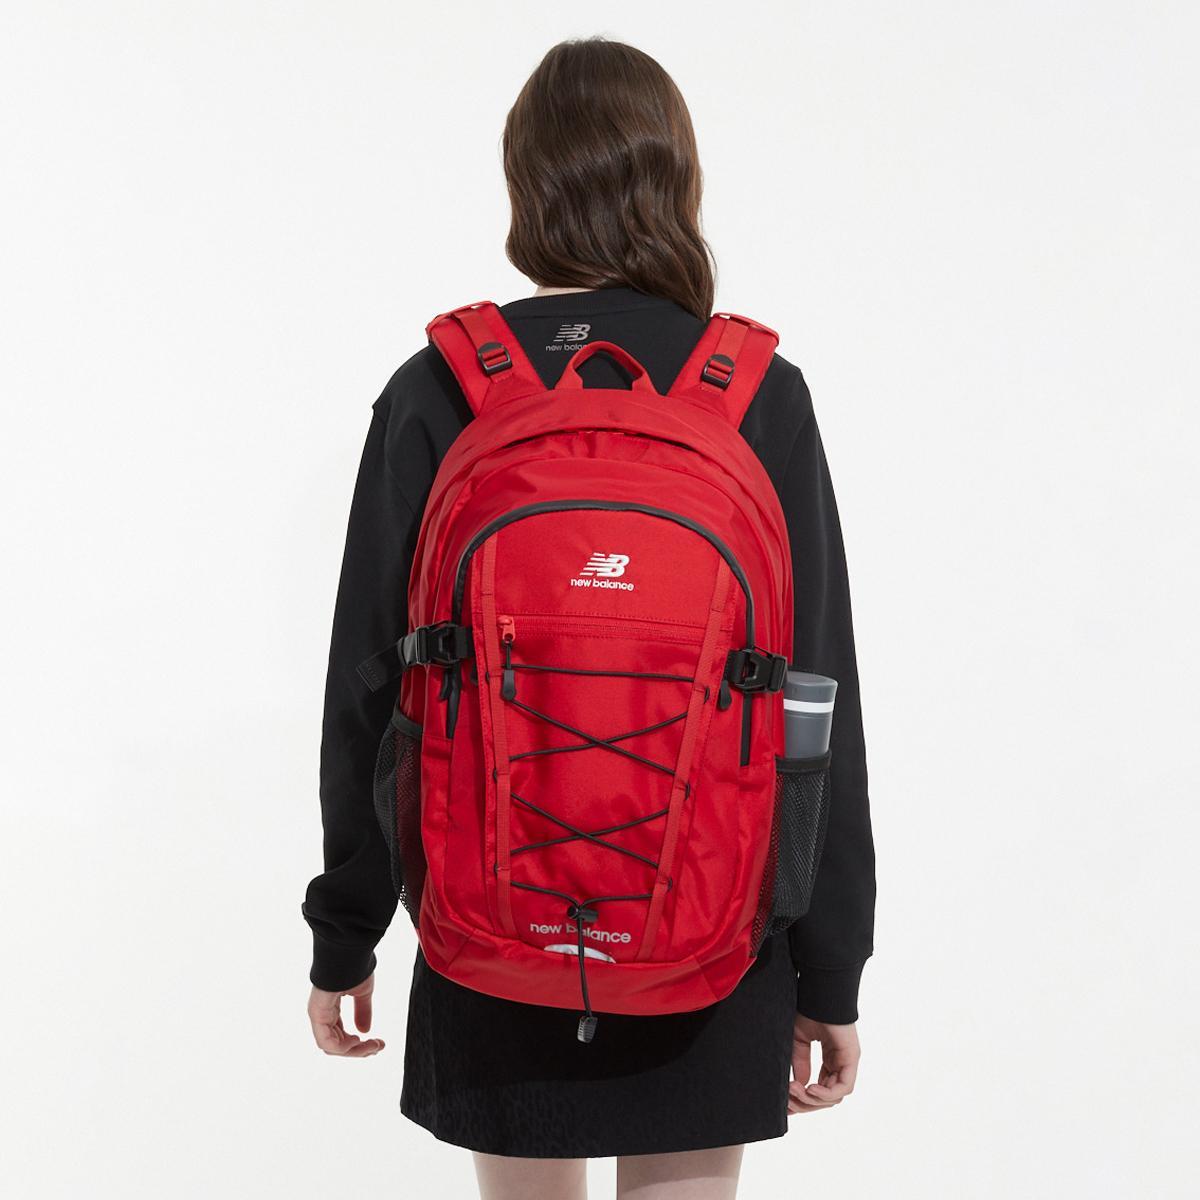 2Pik Plus Backpack